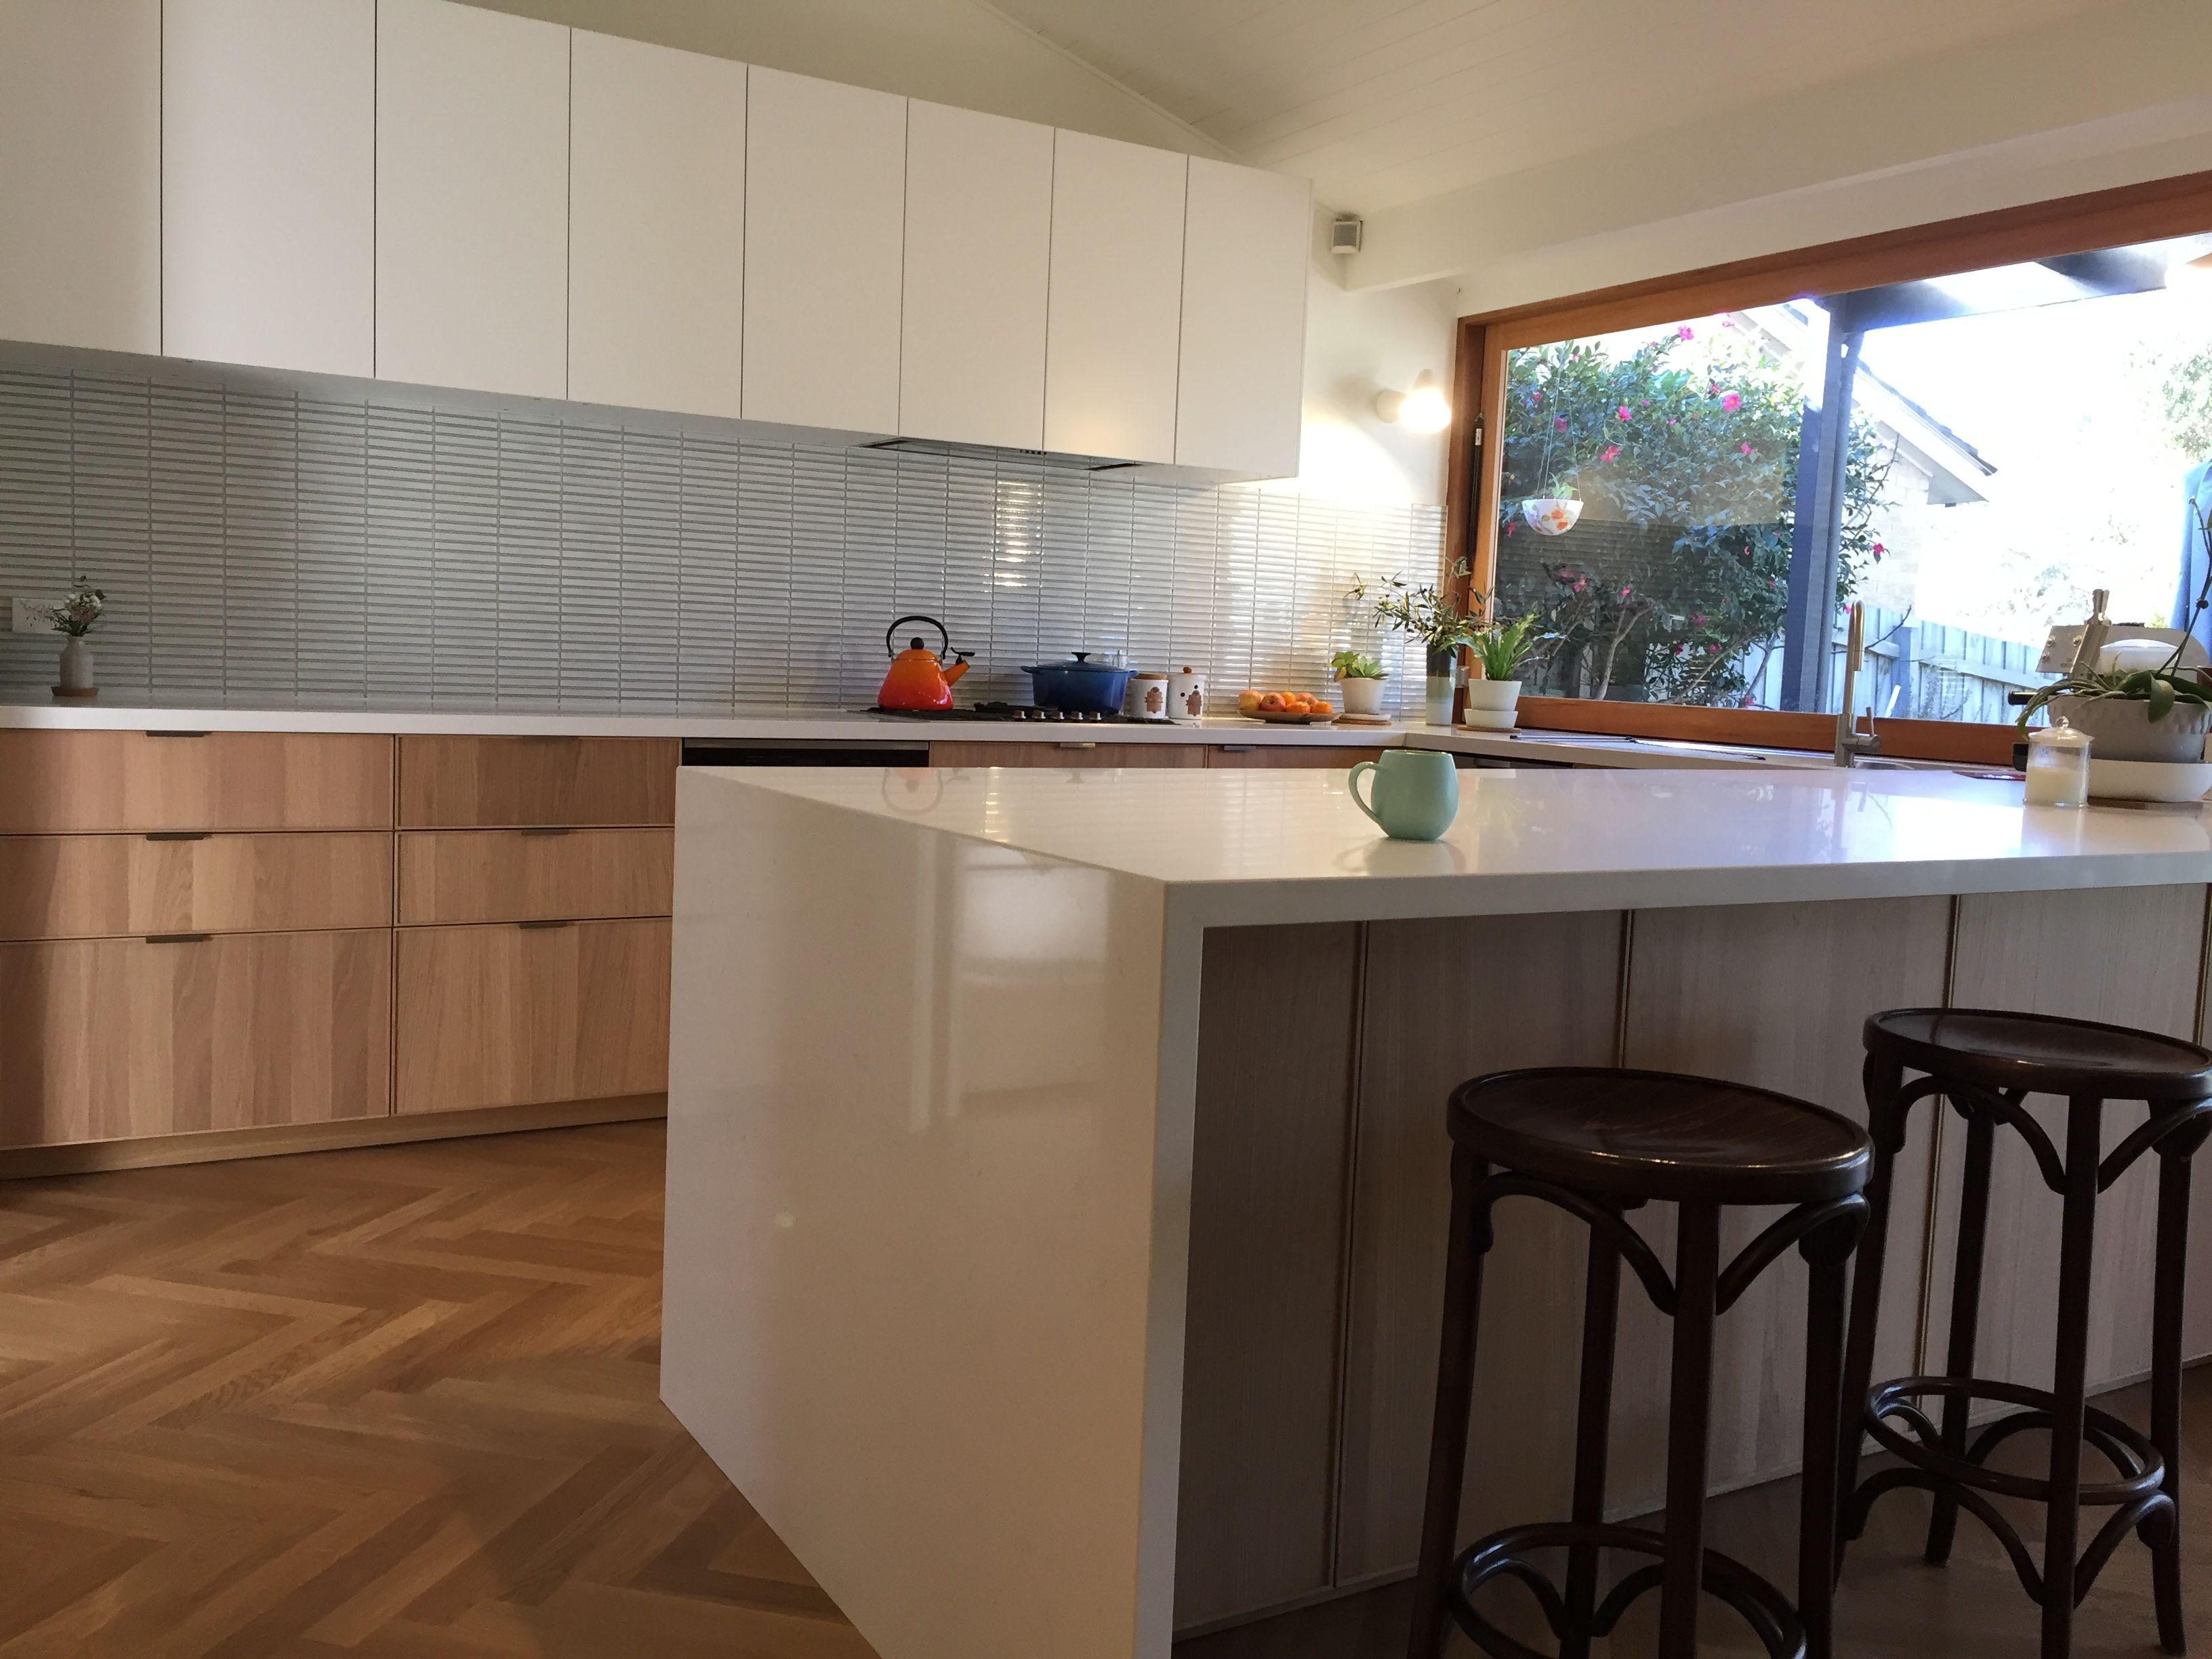 Best Ikea Ekestad Metod Kitchen With Artedomus Inax Yuki Border 400 x 300